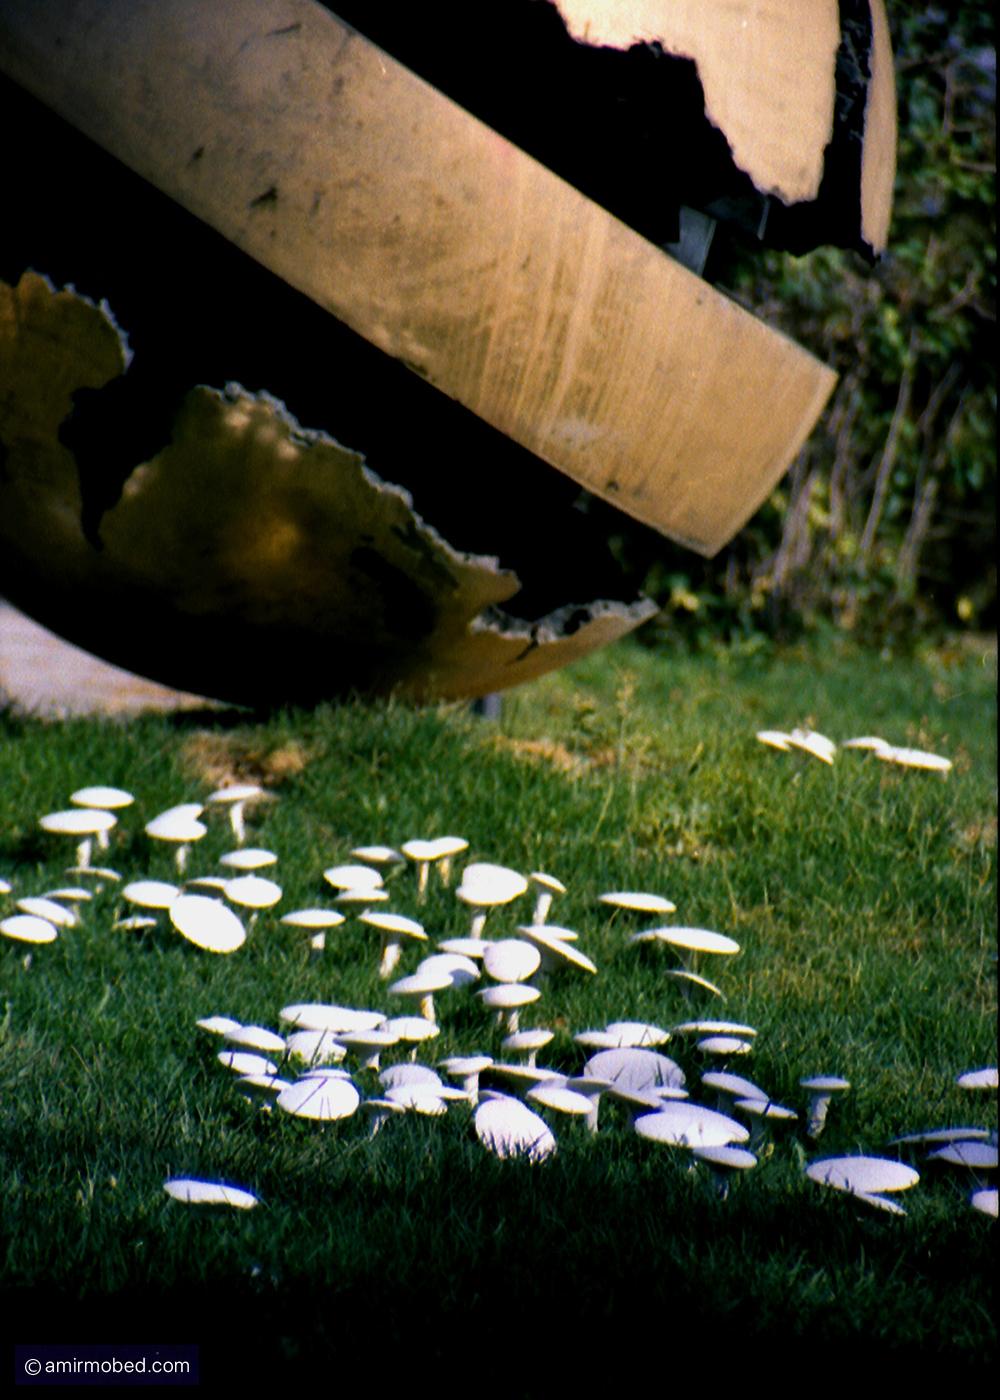 قارچها، ۱۳۸۱، چیدمان، ۱۲۰۰۰ قارچ گچی